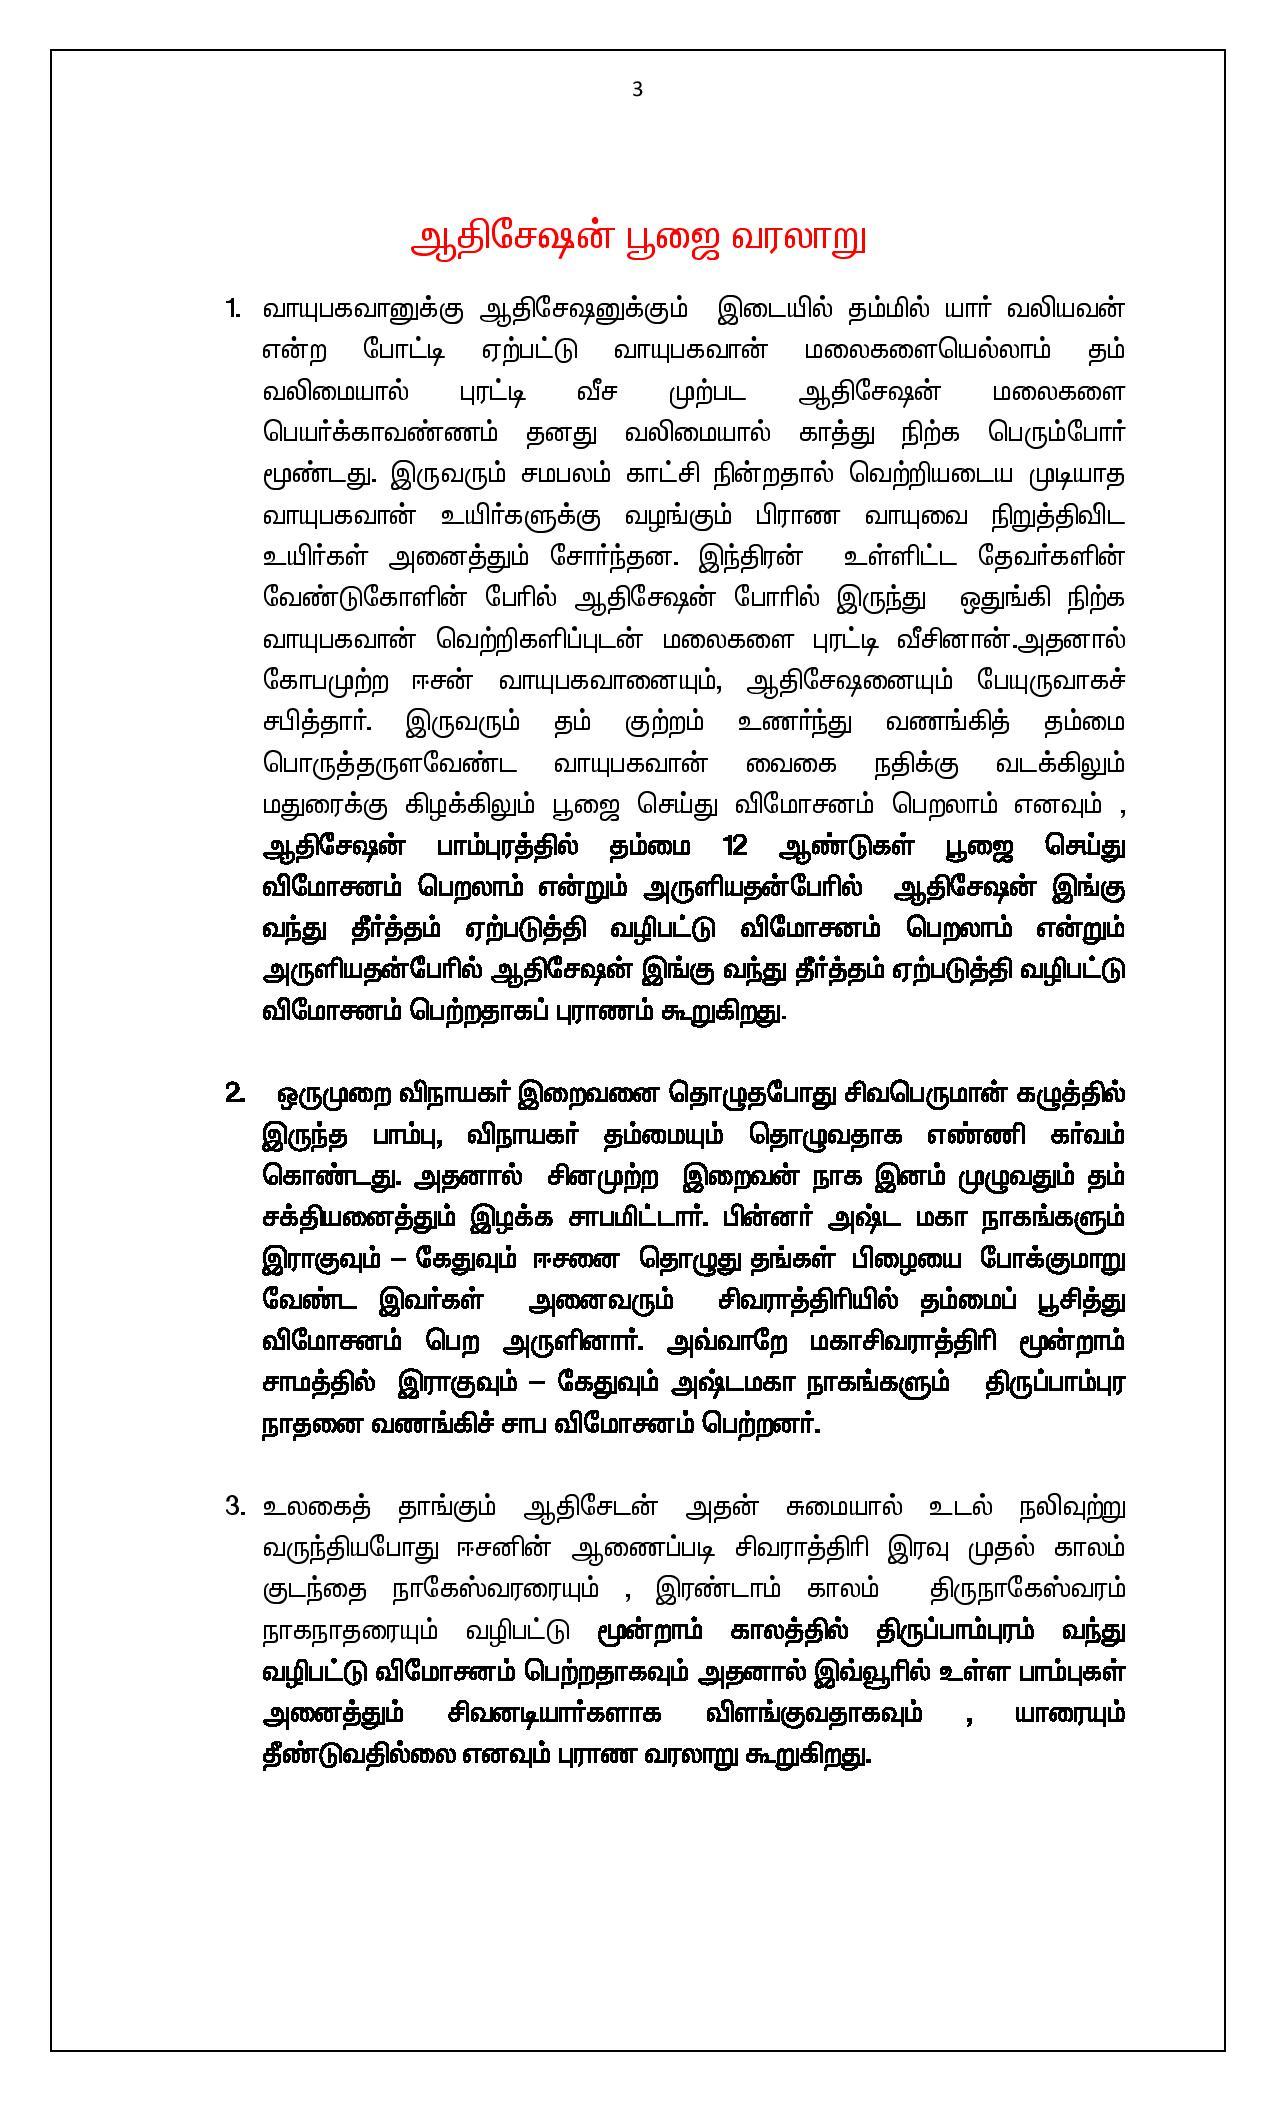 Hislory thiru pambupuram temple-page-003